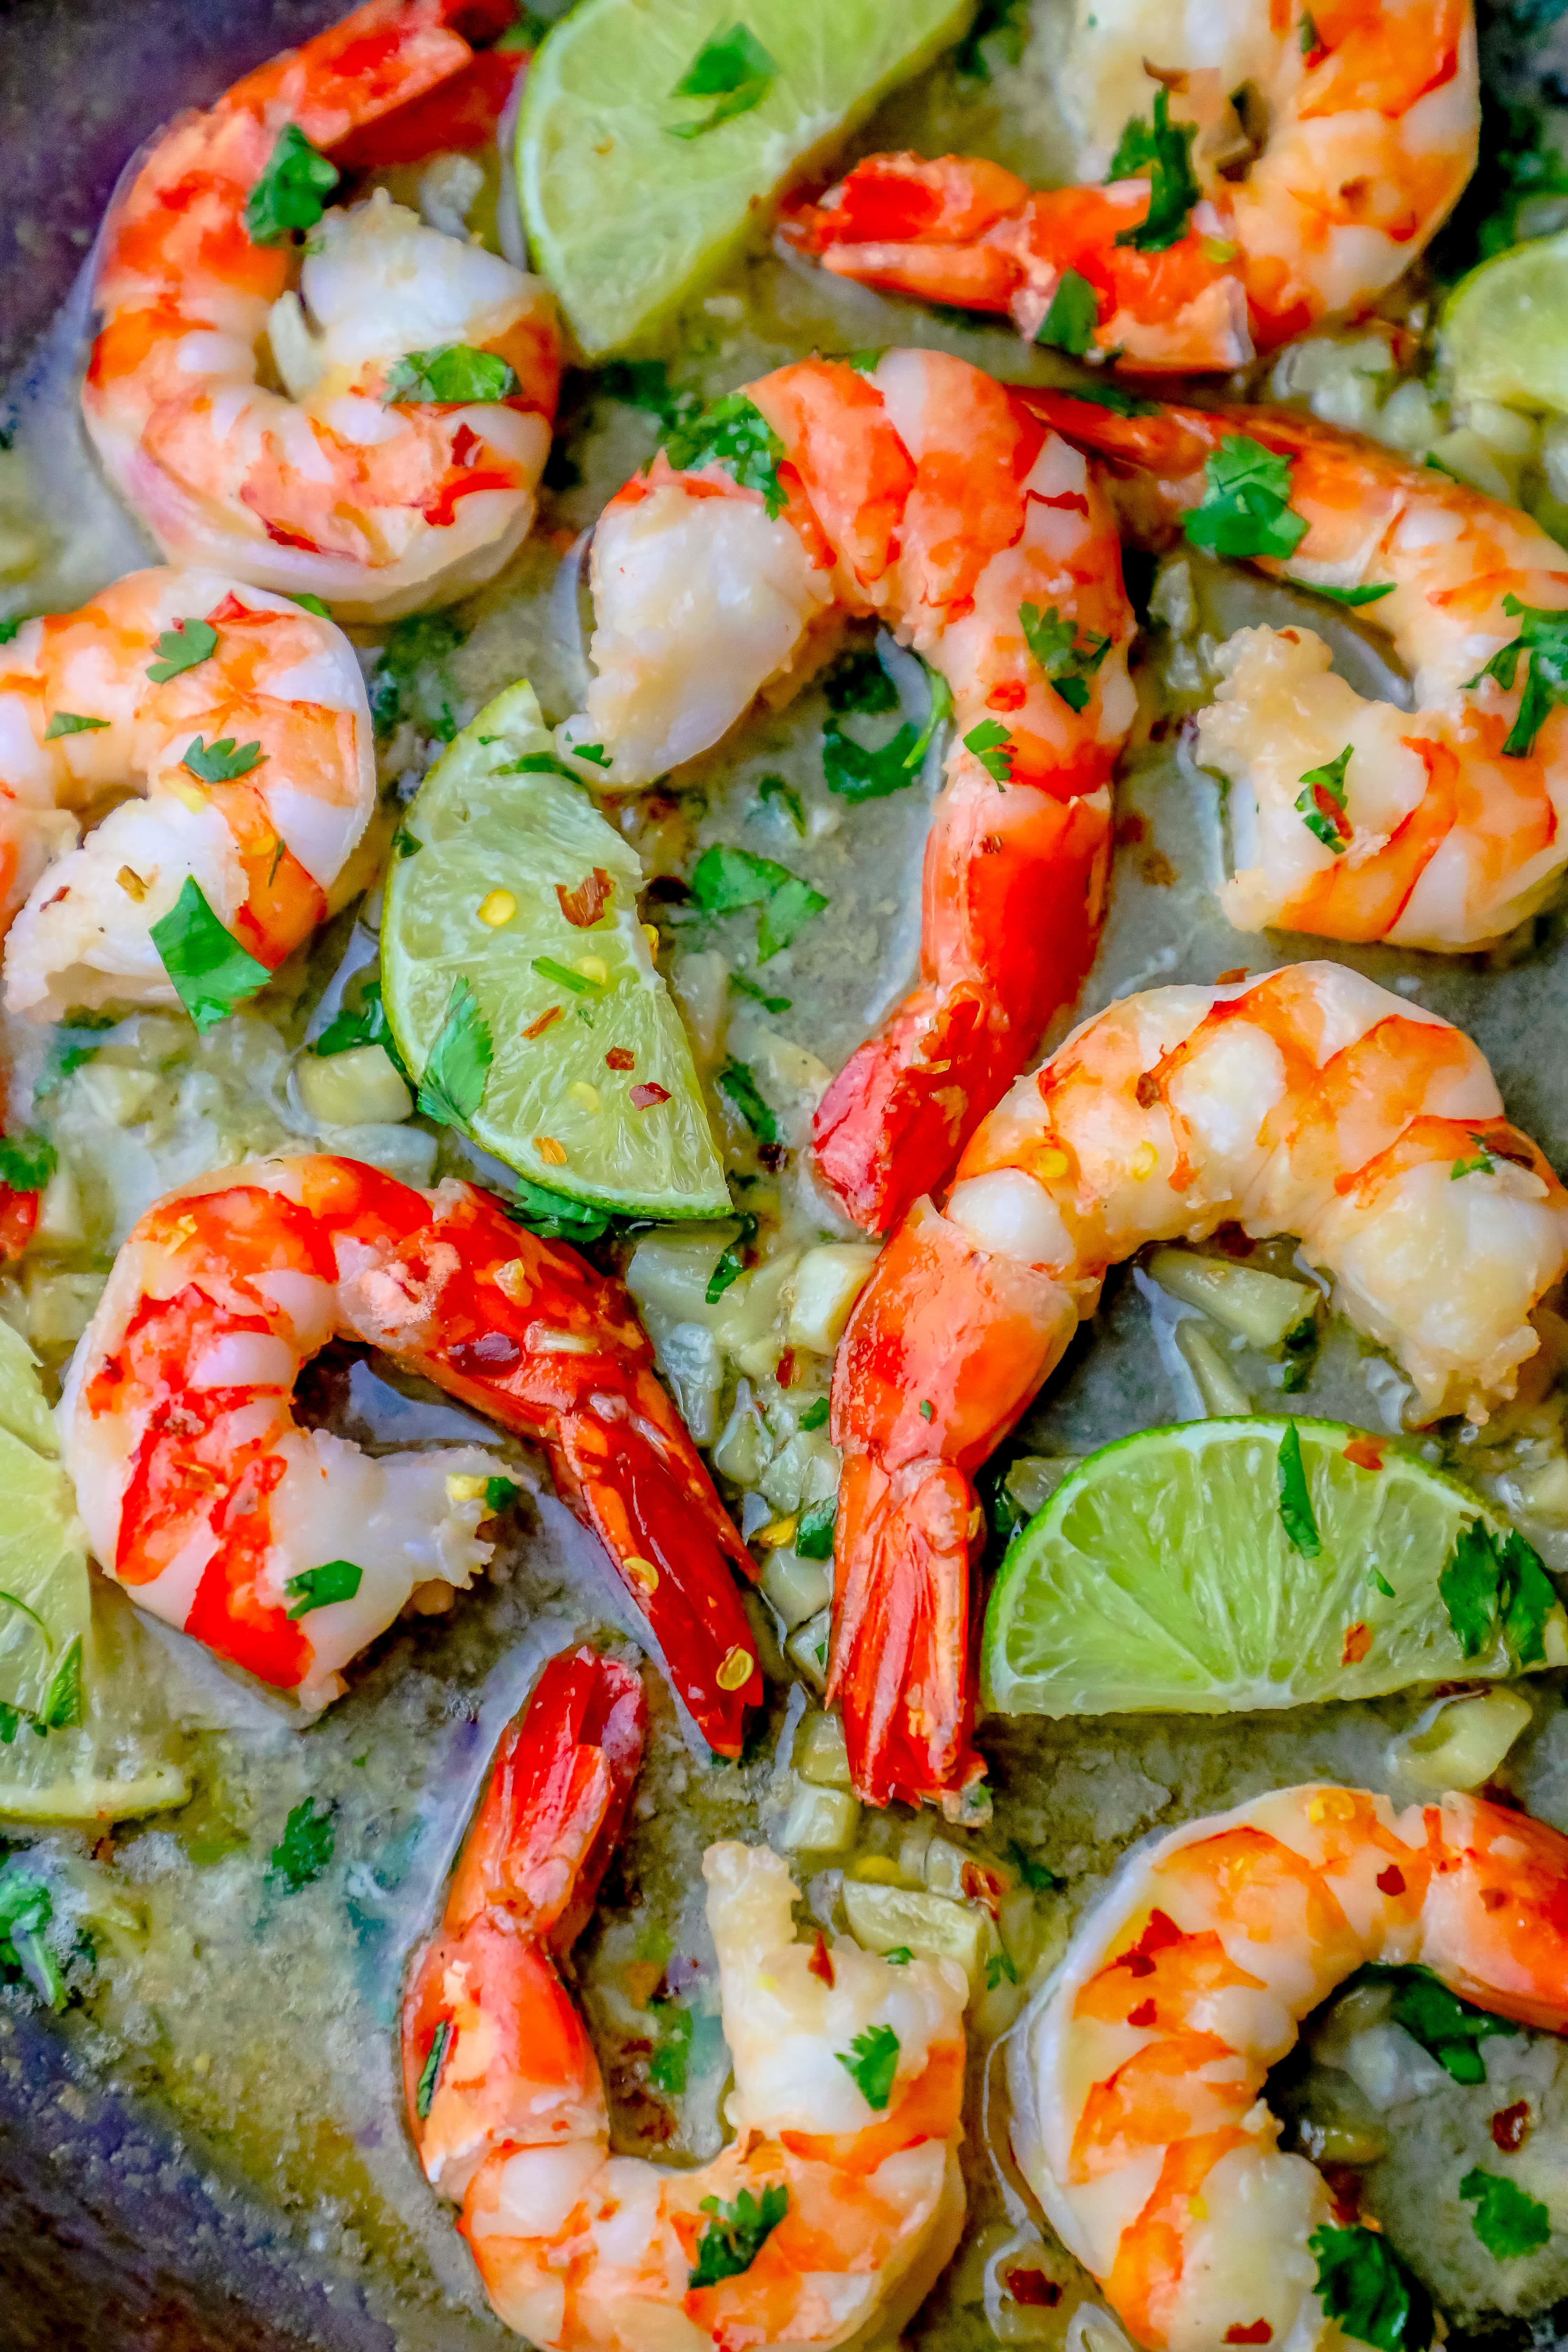 Easy Cilantro Lime Shrimp Recipe For Shrimp Tacos Wraps Pasta More